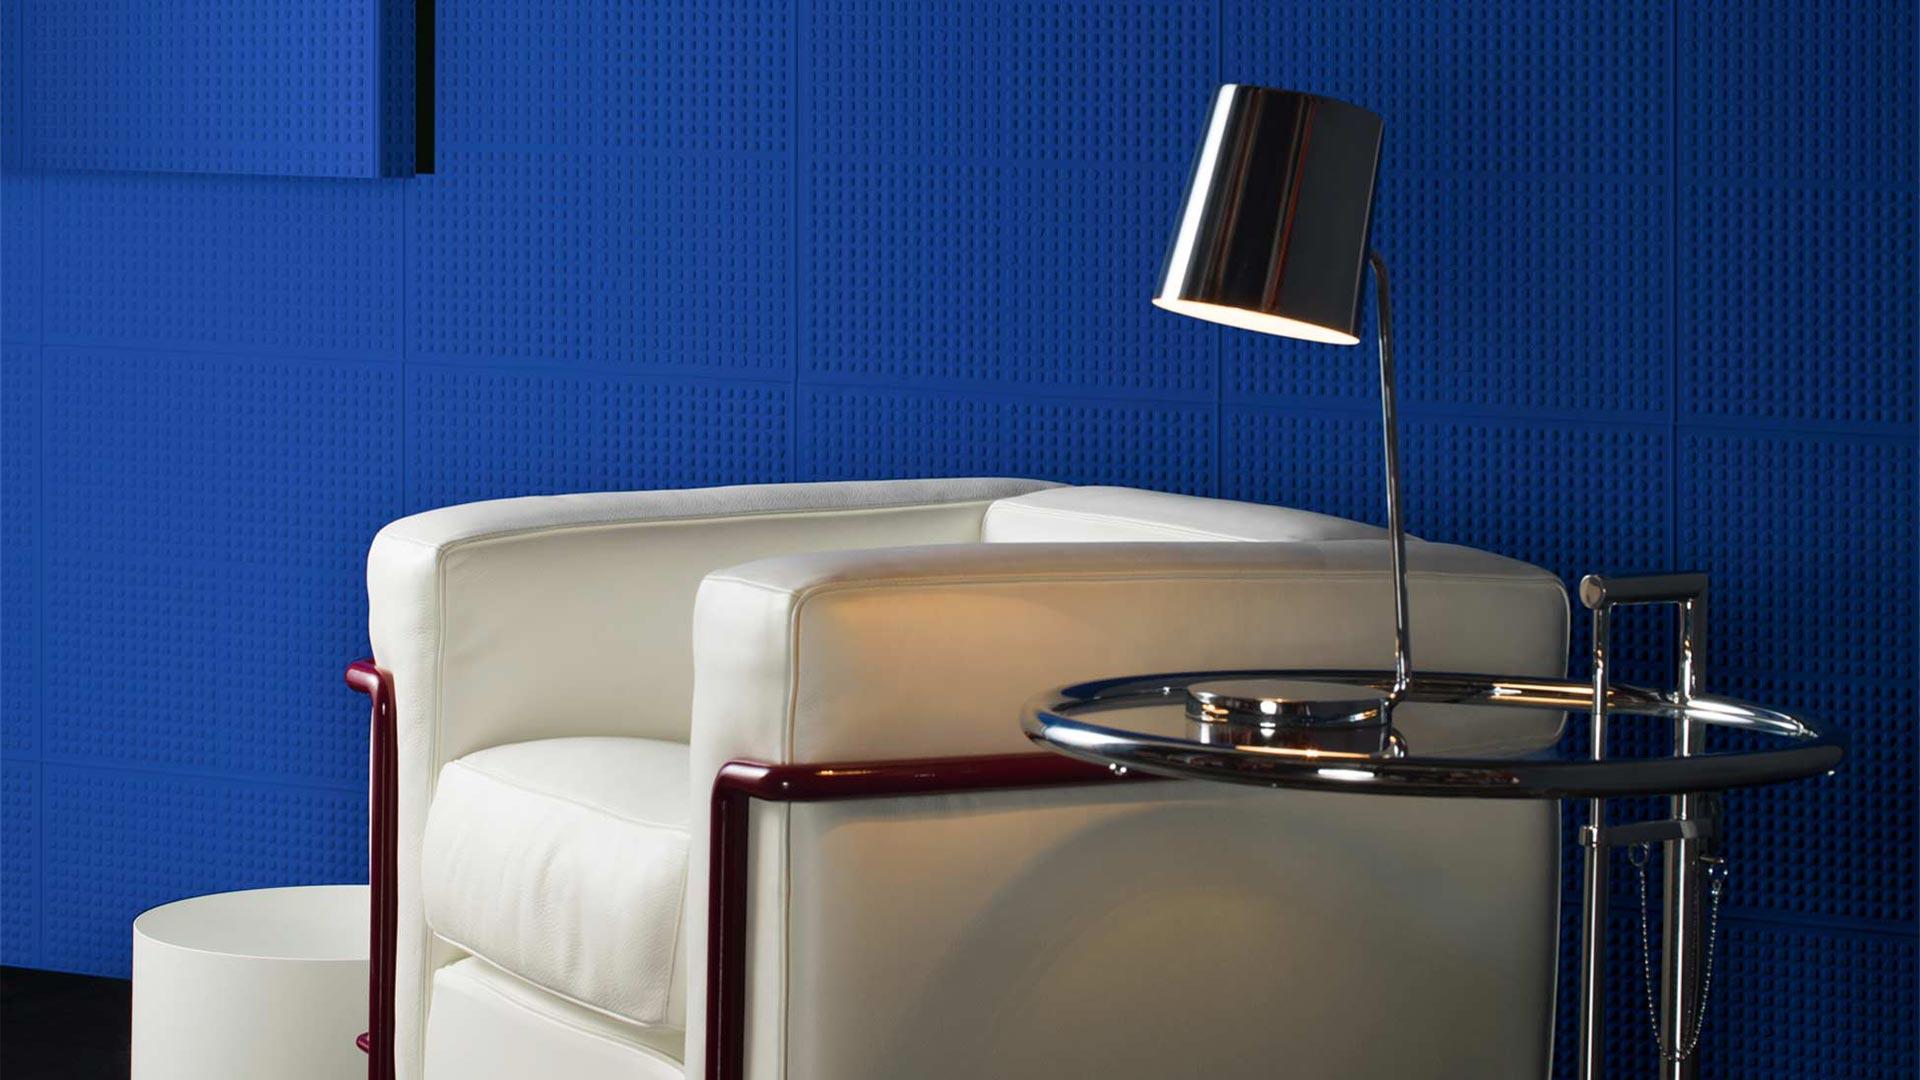 Arte International LeCorbusier Squaresn wallcover